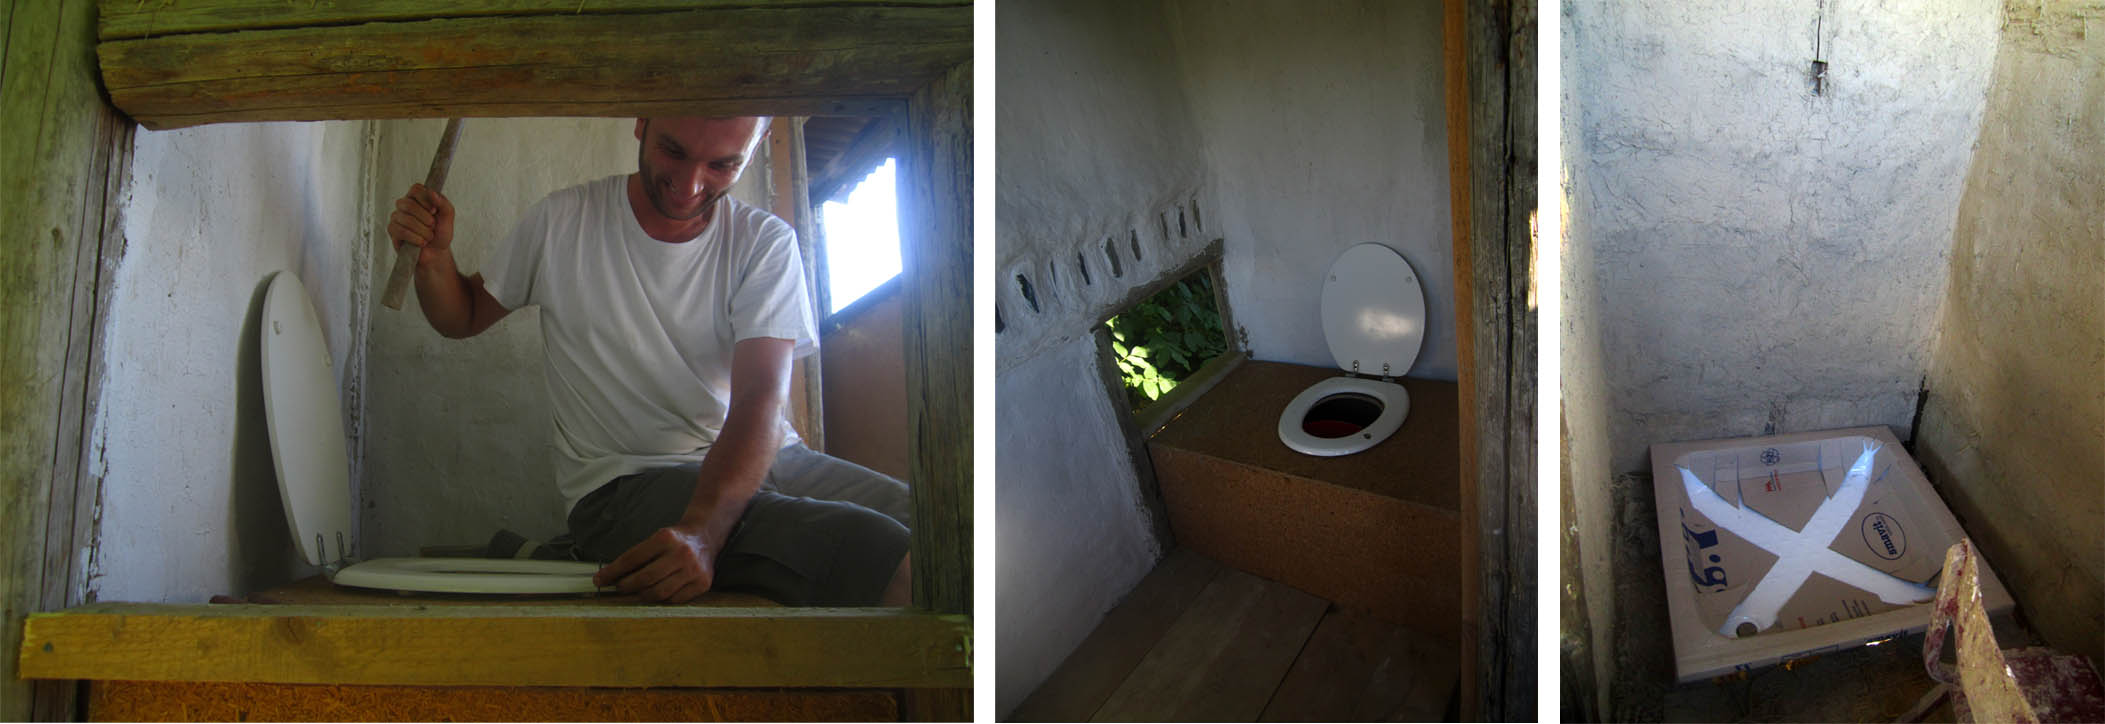 07 wc i tus